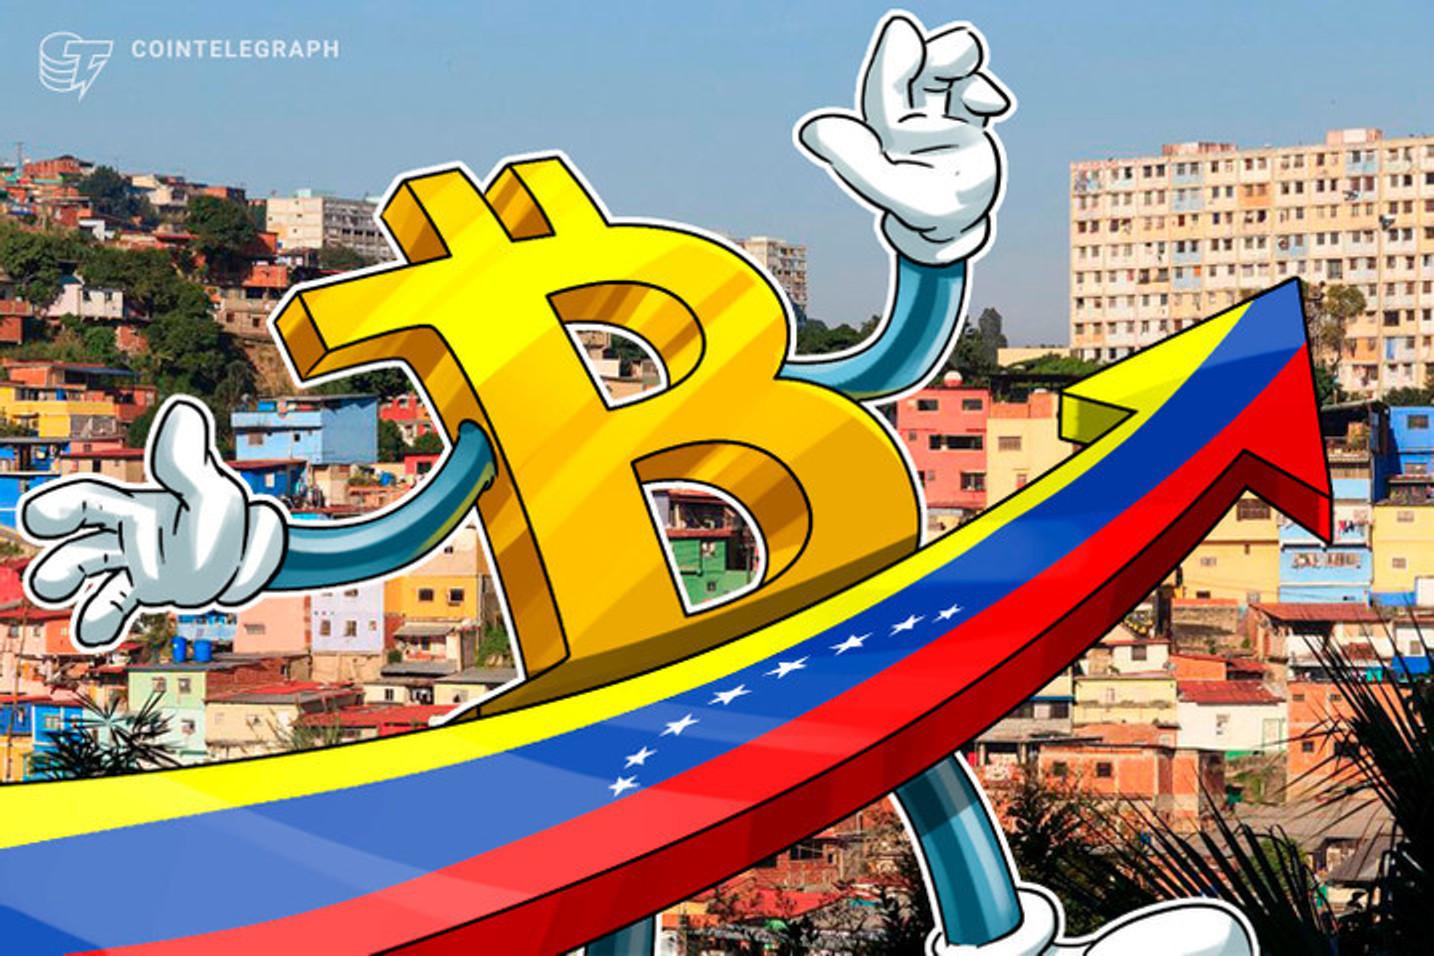 Transacciones P2P en Bitcoin marcan récord en Venezuela mientras su liquidez llega a los mil billones de bolívares